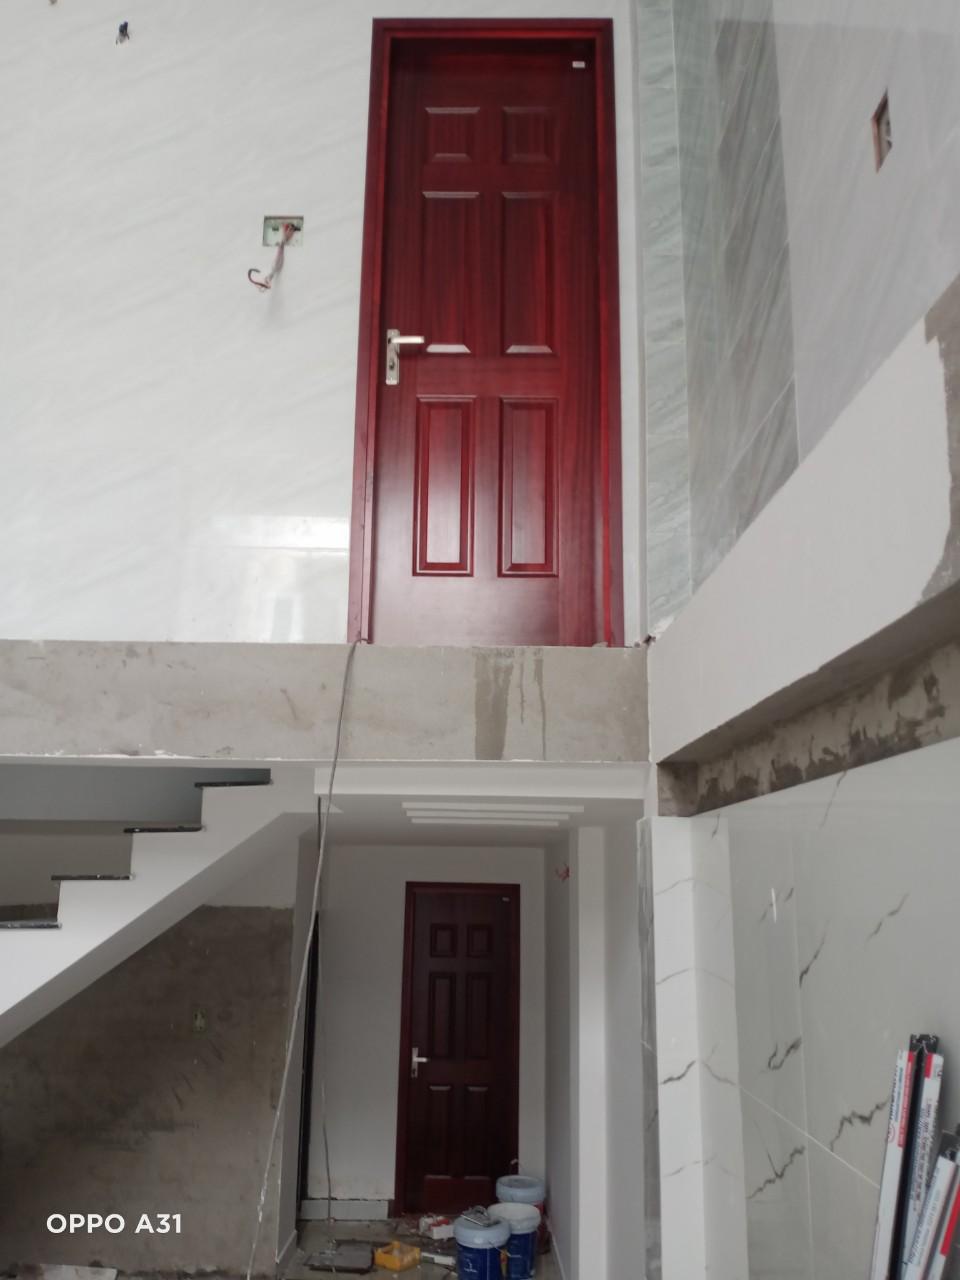 Thi công cửa gỗ công nghiệp HDF Veneer tại 7 bộ HDF Veneer . Địa chỉ : 32/35 Cao Thắng - Quận 3 - Tp.HCm